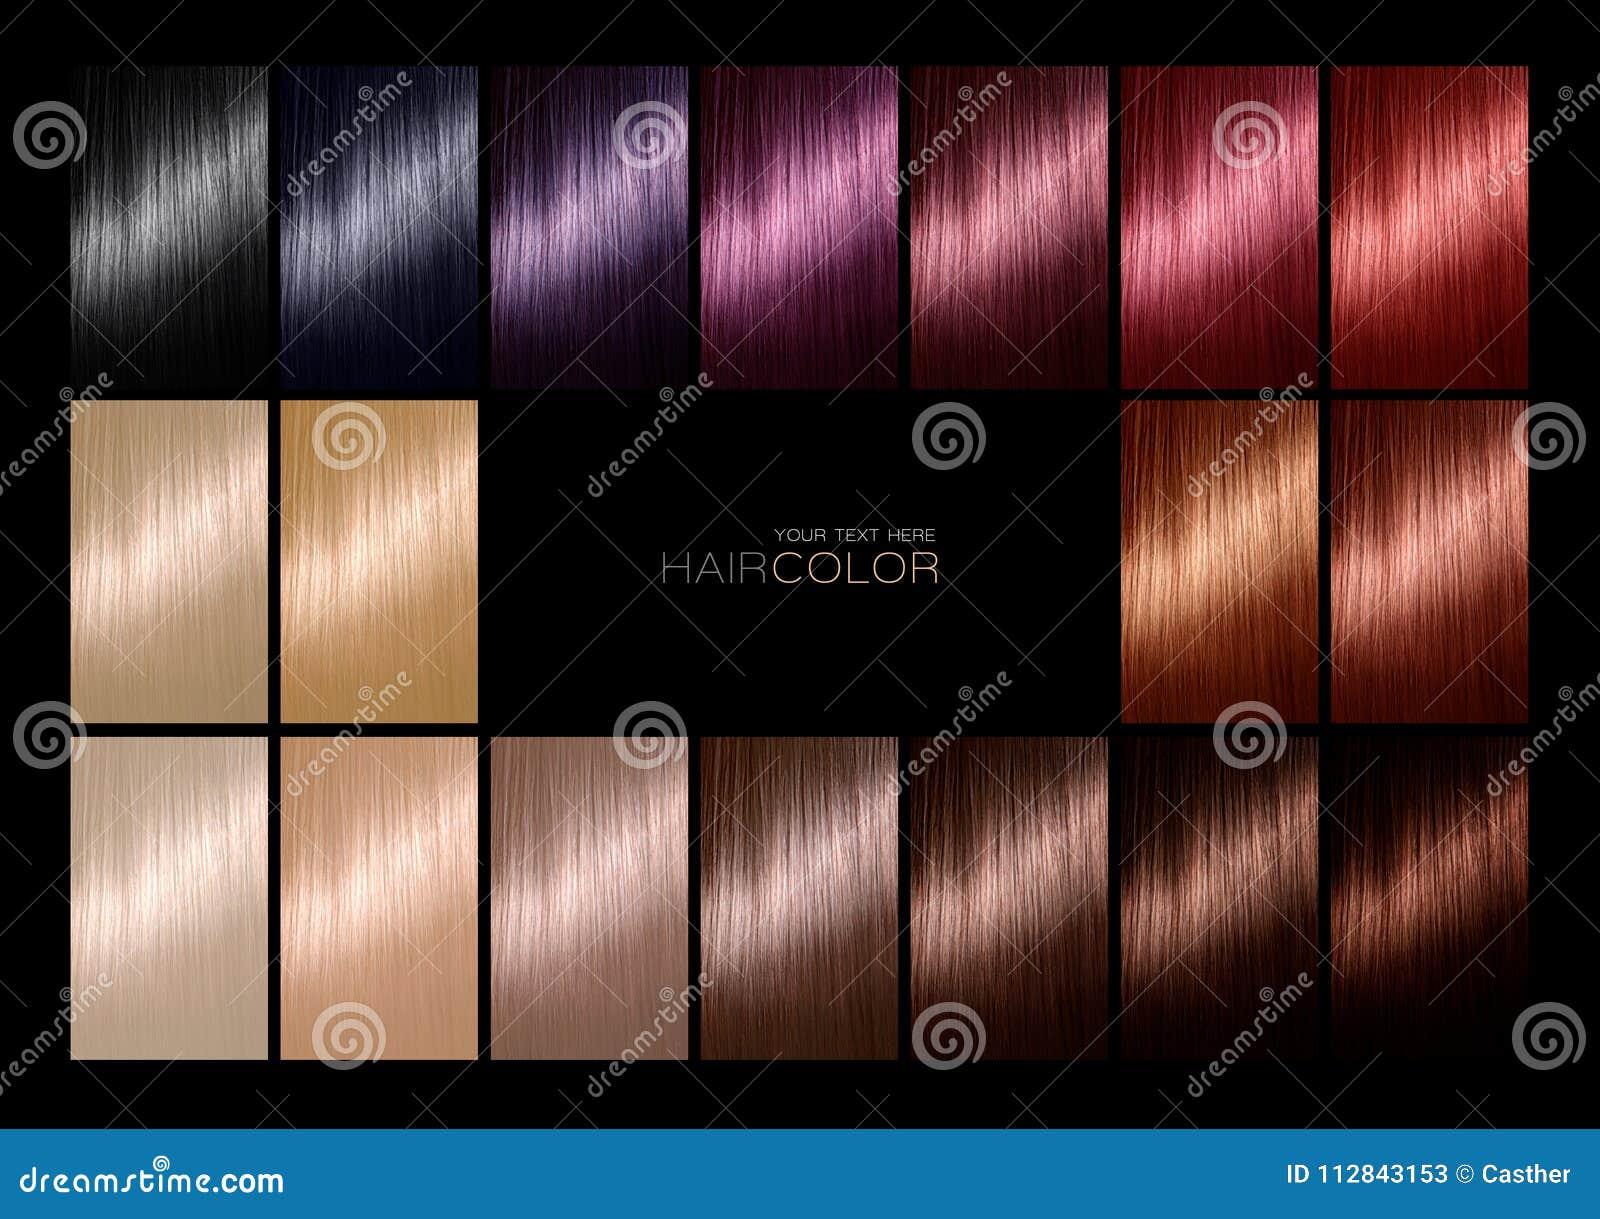 Nuancier Pour La Teinture Capillaire Teintes Palette De Couleurs De